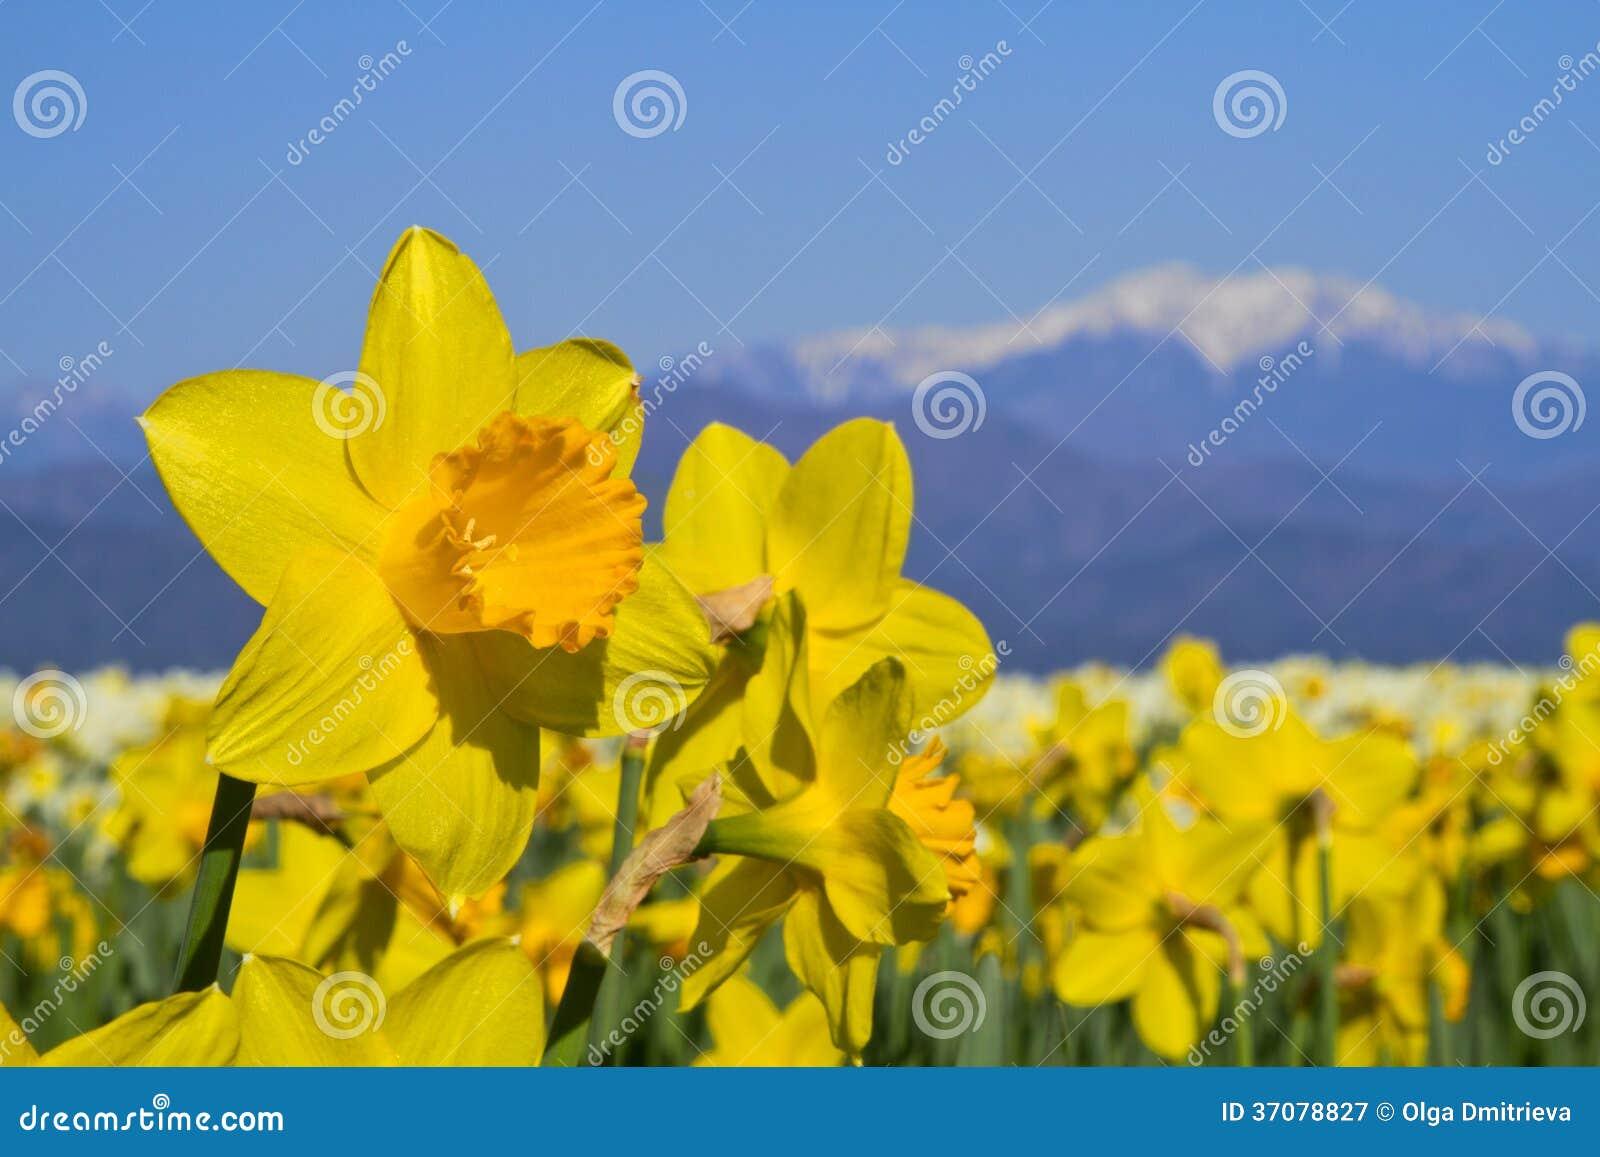 Download Pole narcyz. obraz stock. Obraz złożonej z natura, trawy - 37078827